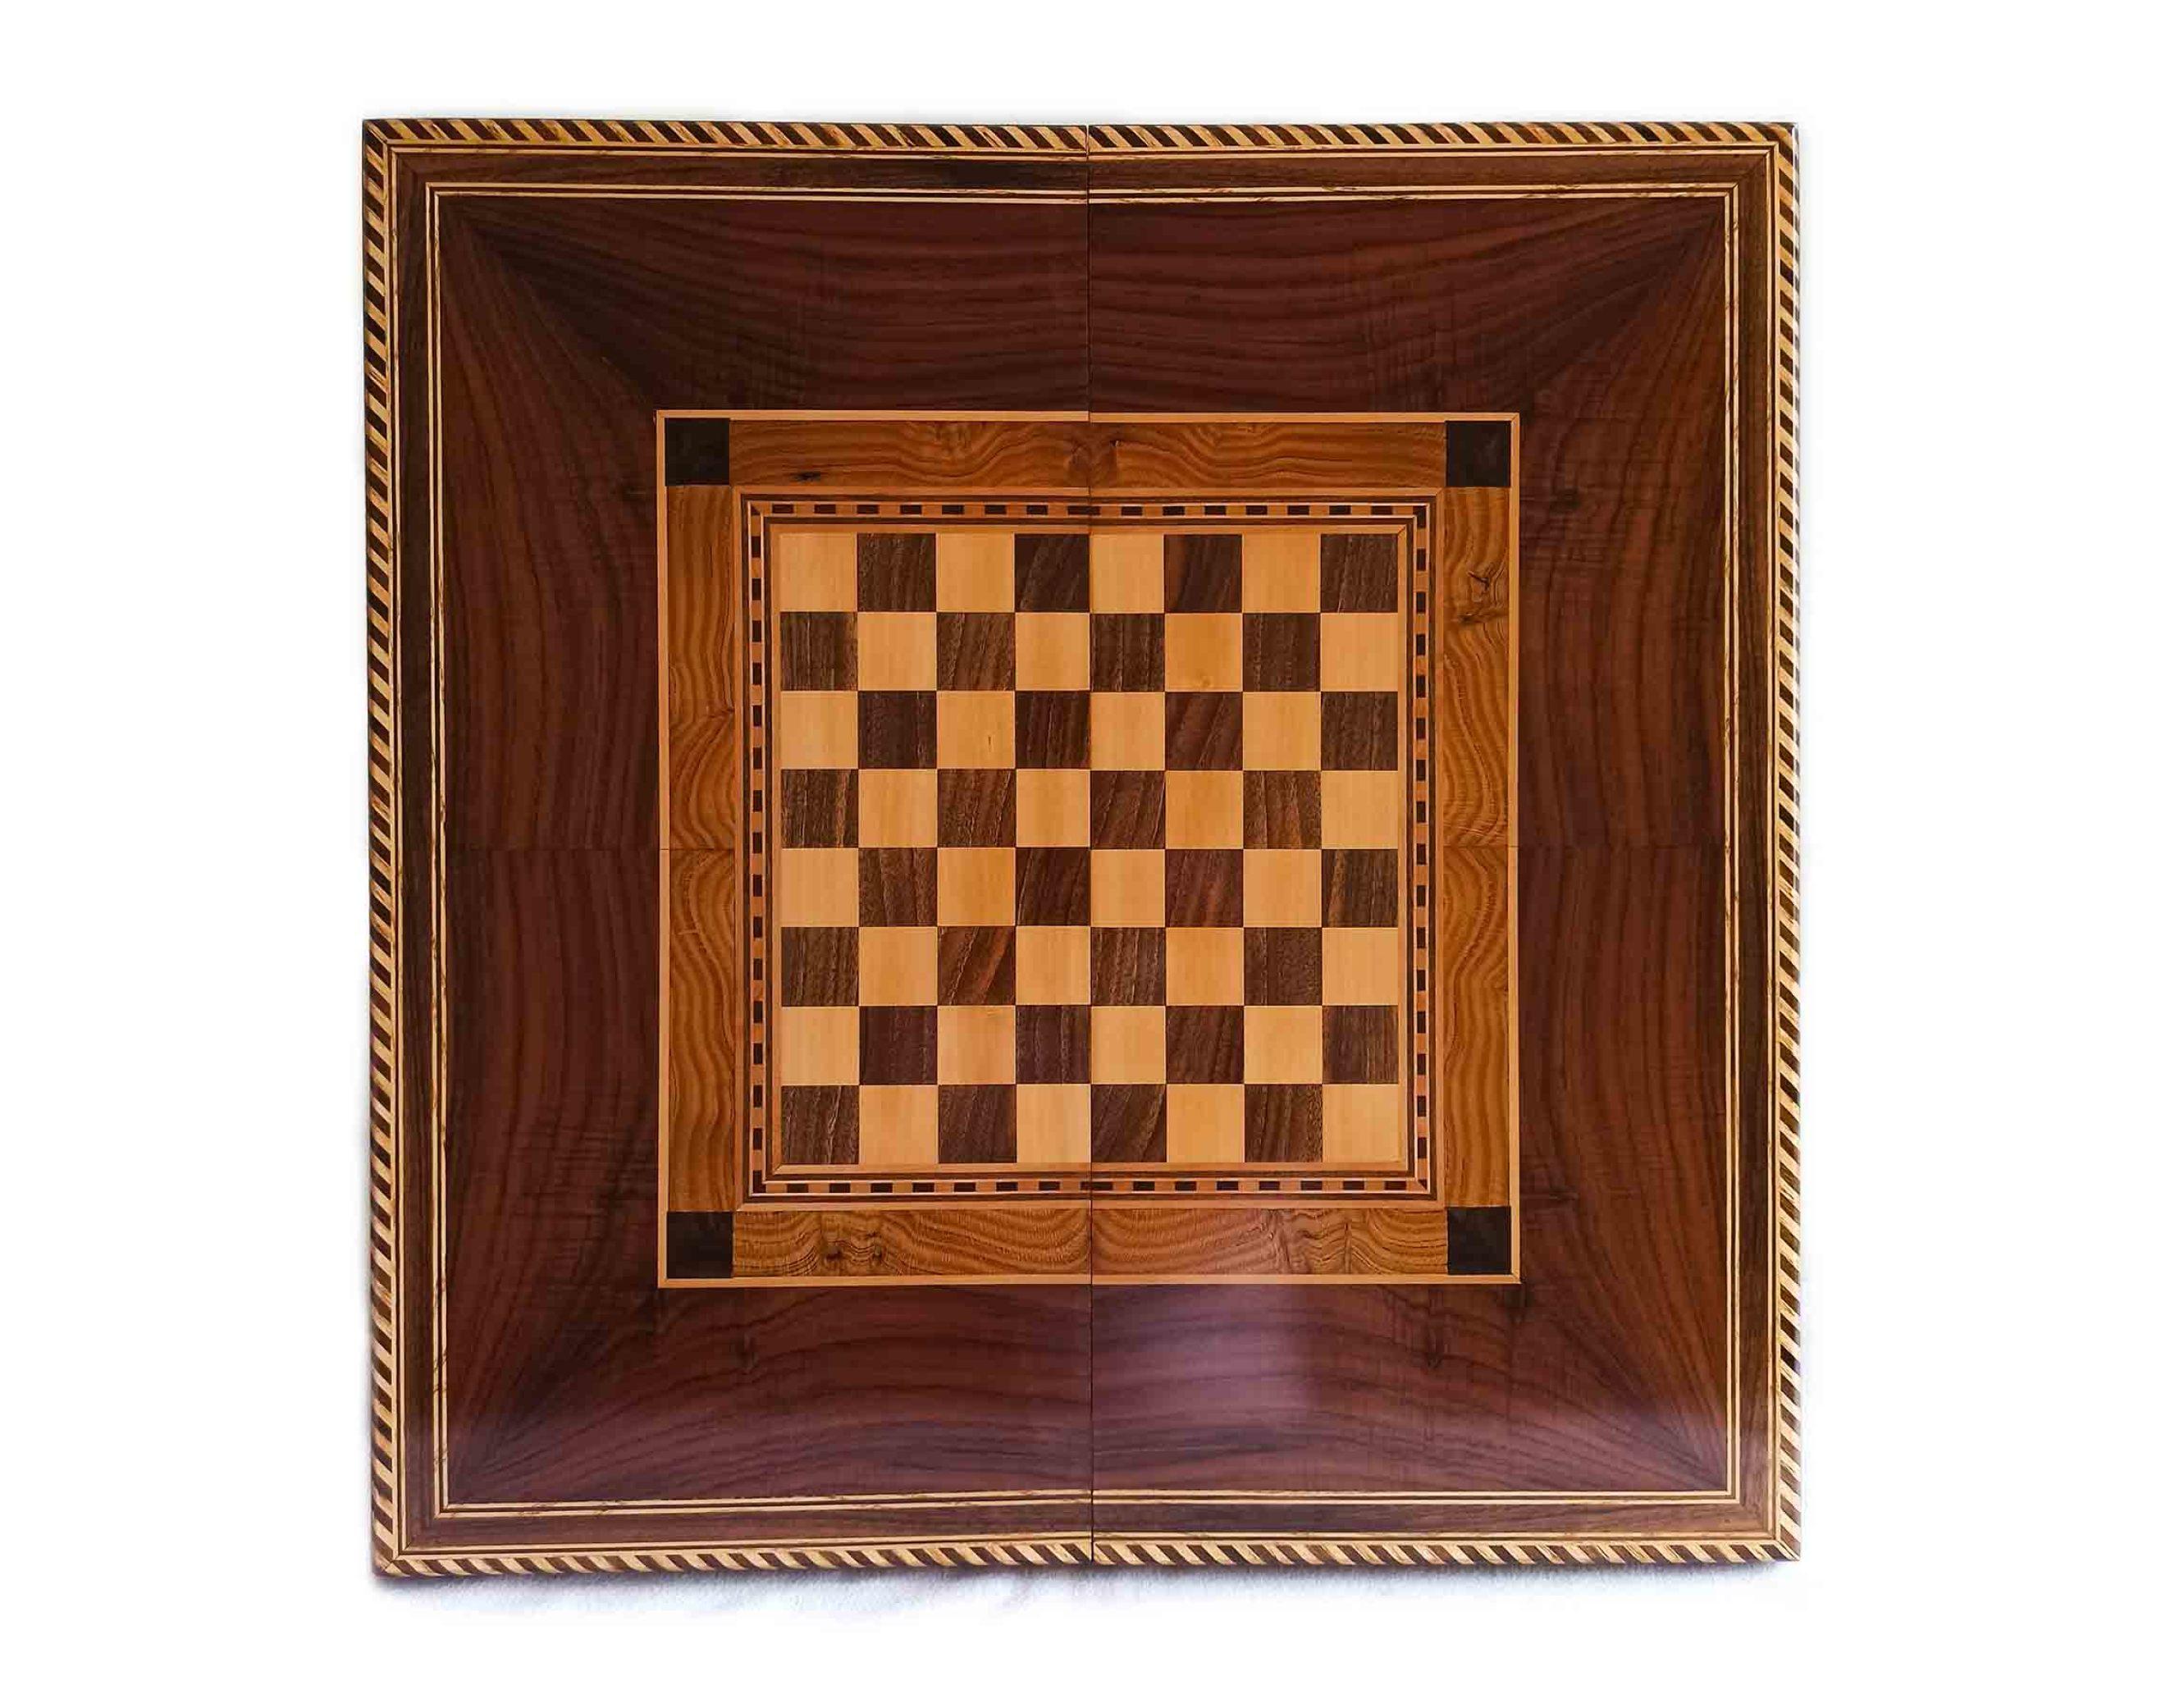 تخته نرد شطرنج، تخته نرد کادویی و تخته نرد نفیس، ساخته شده از چوب گردو